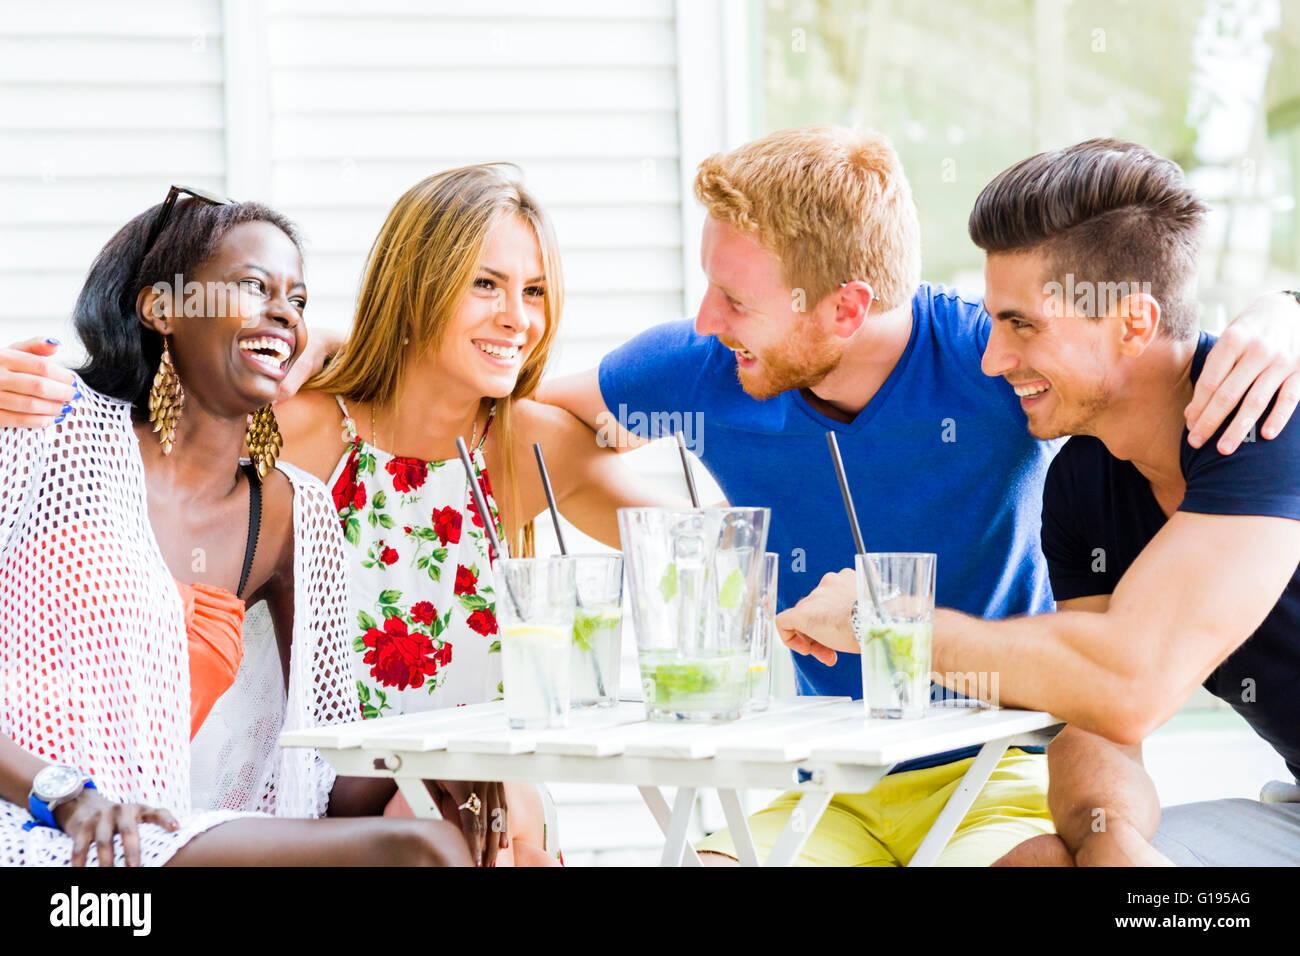 Freunde lachen und jeder Outher Natur umarmt und glücklich zu sein Stockbild